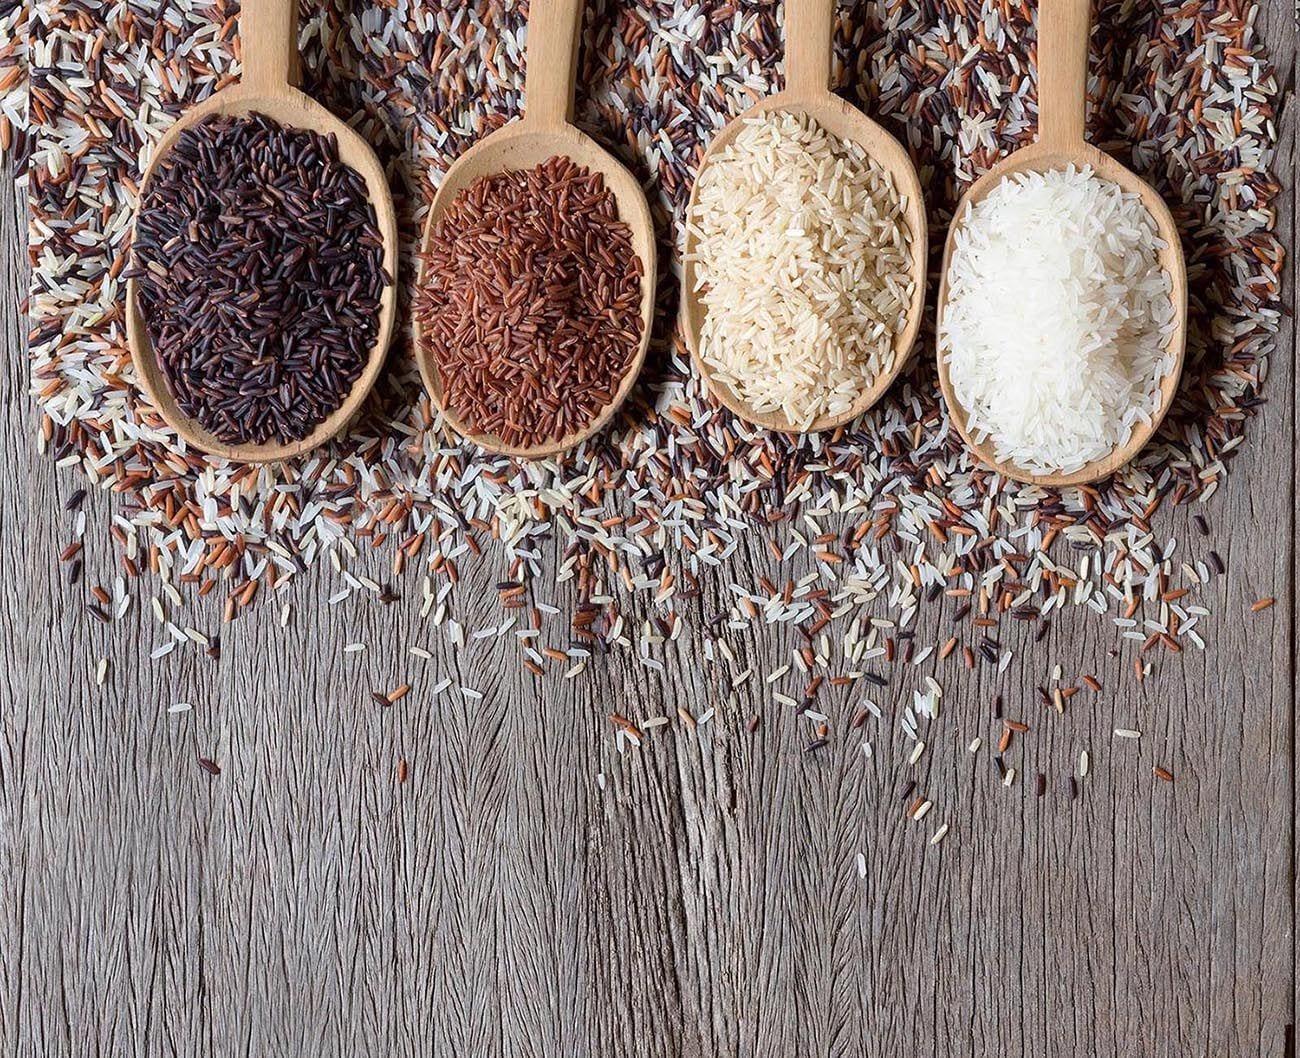 3 Tipos de arroz y cómo usarlos